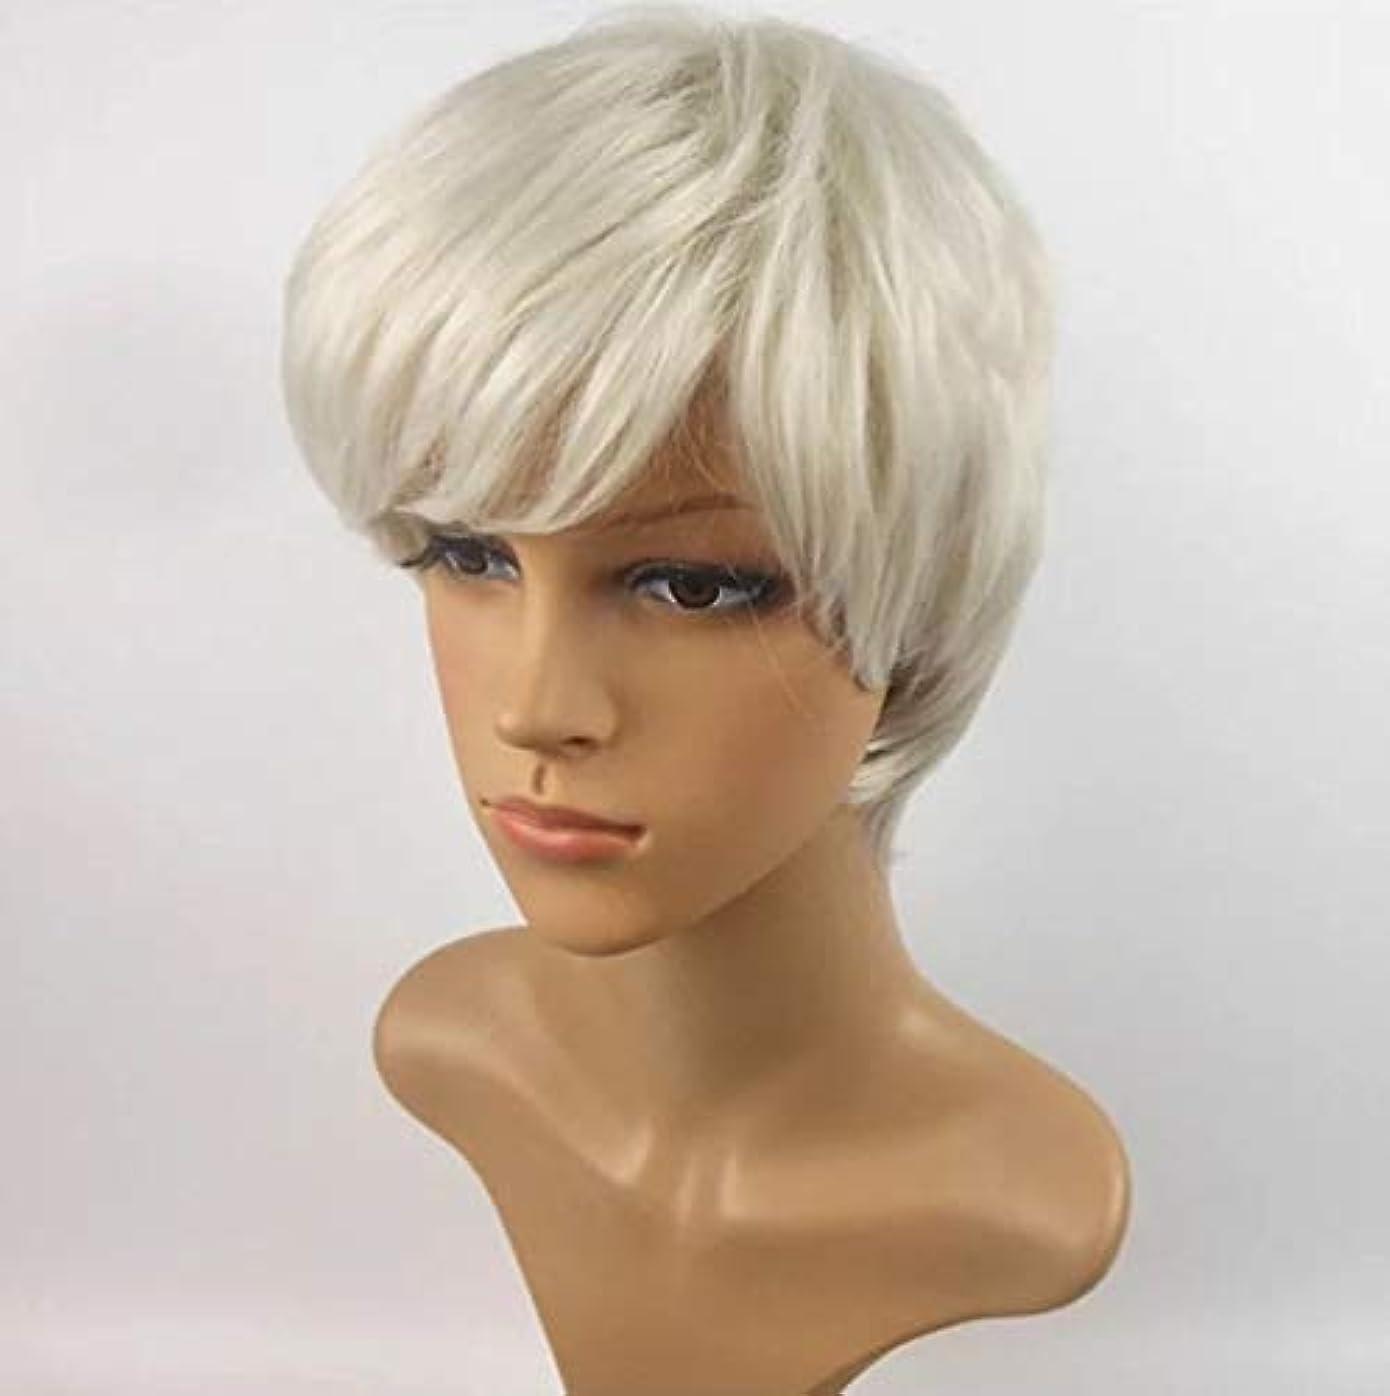 丁寧バッテリーネイティブKerwinner 短い巻き毛のかつら髪かつら女性のための自然な耐熱フルウィッグ (Color : White)